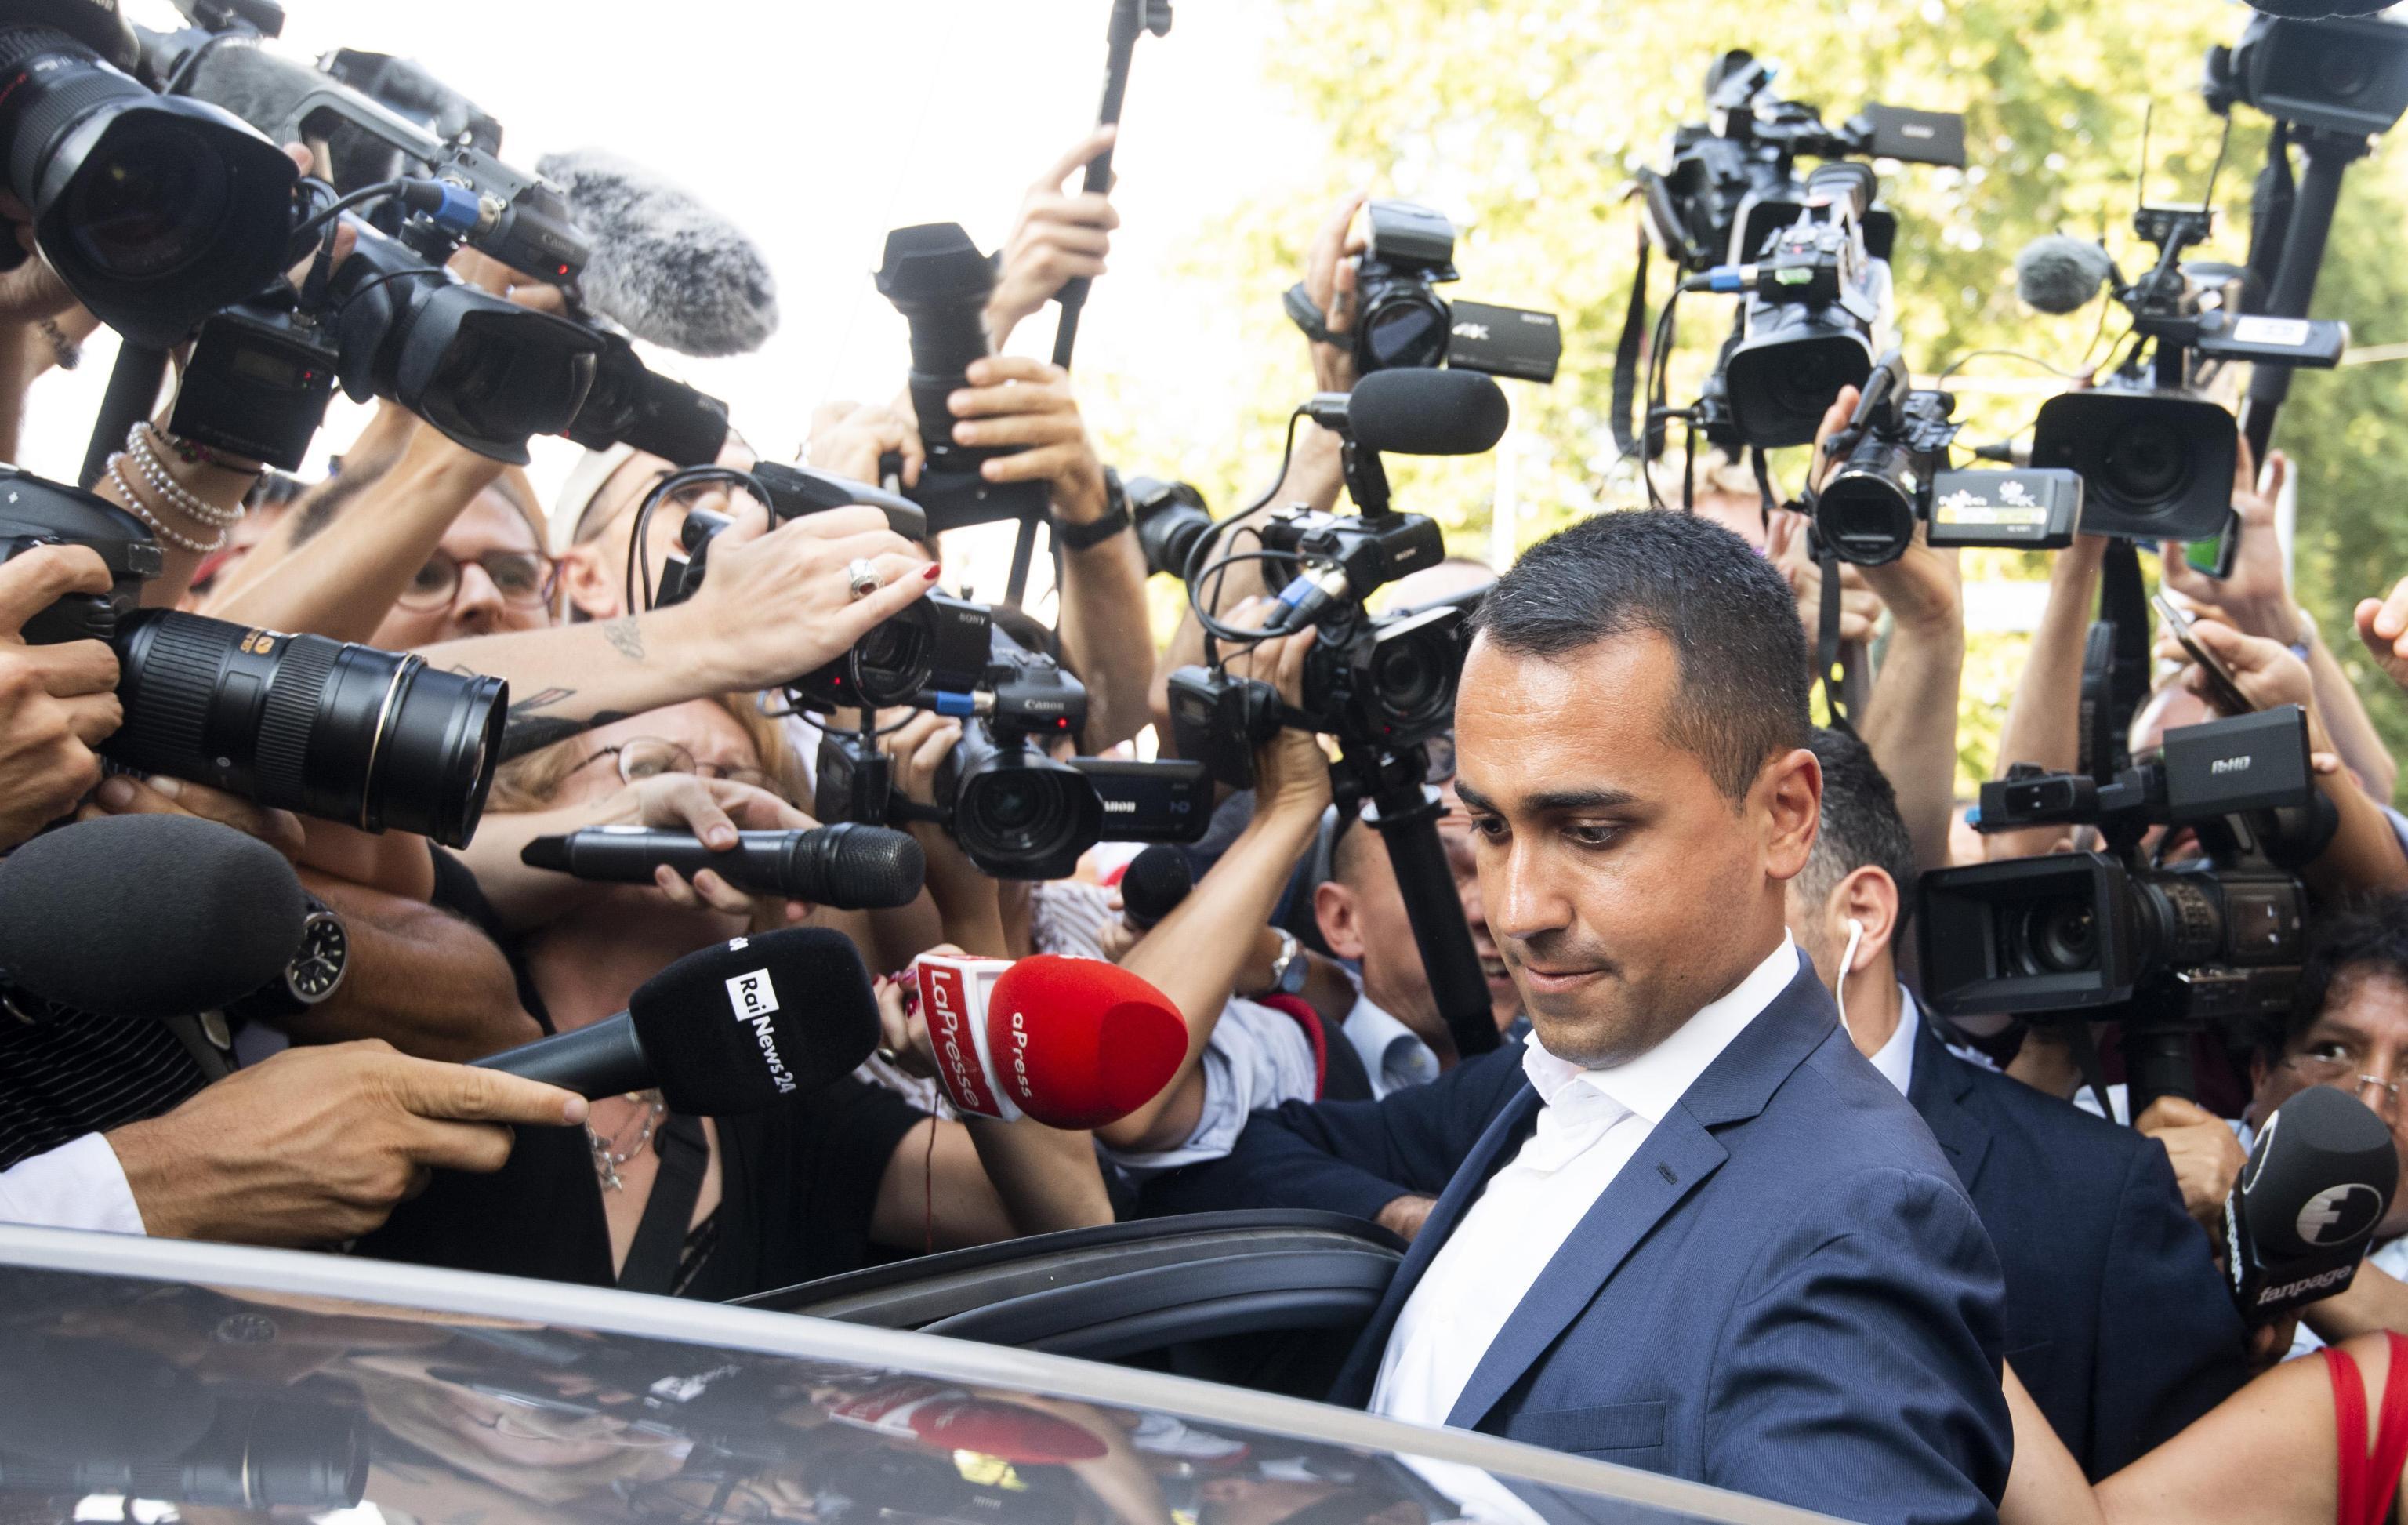 Sondaggi elettorali oggi 28 agosto: crollo del gradimento per Salvini